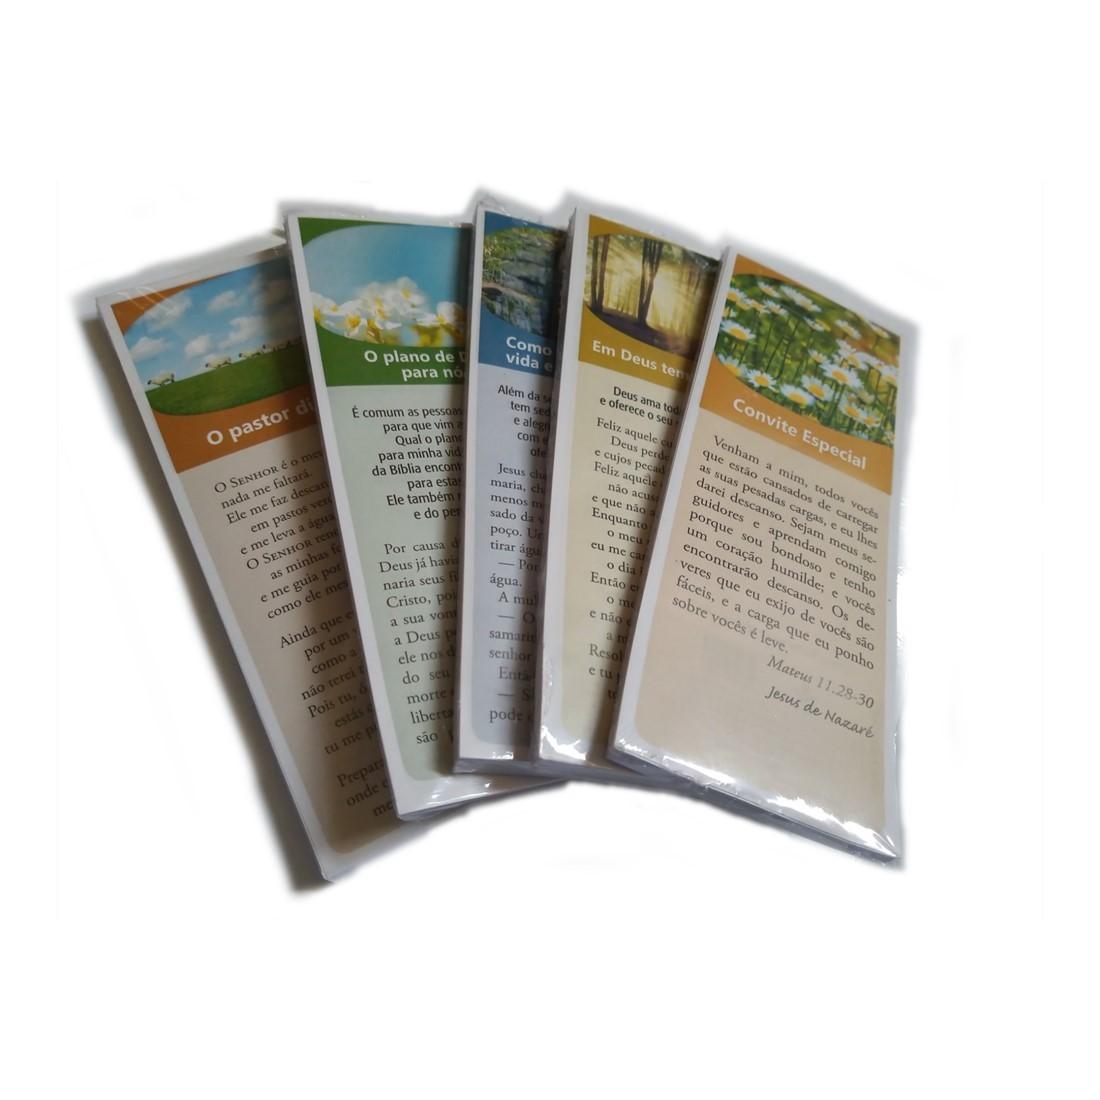 Folhetos Seleções Bíblicas - Série Seleção 2